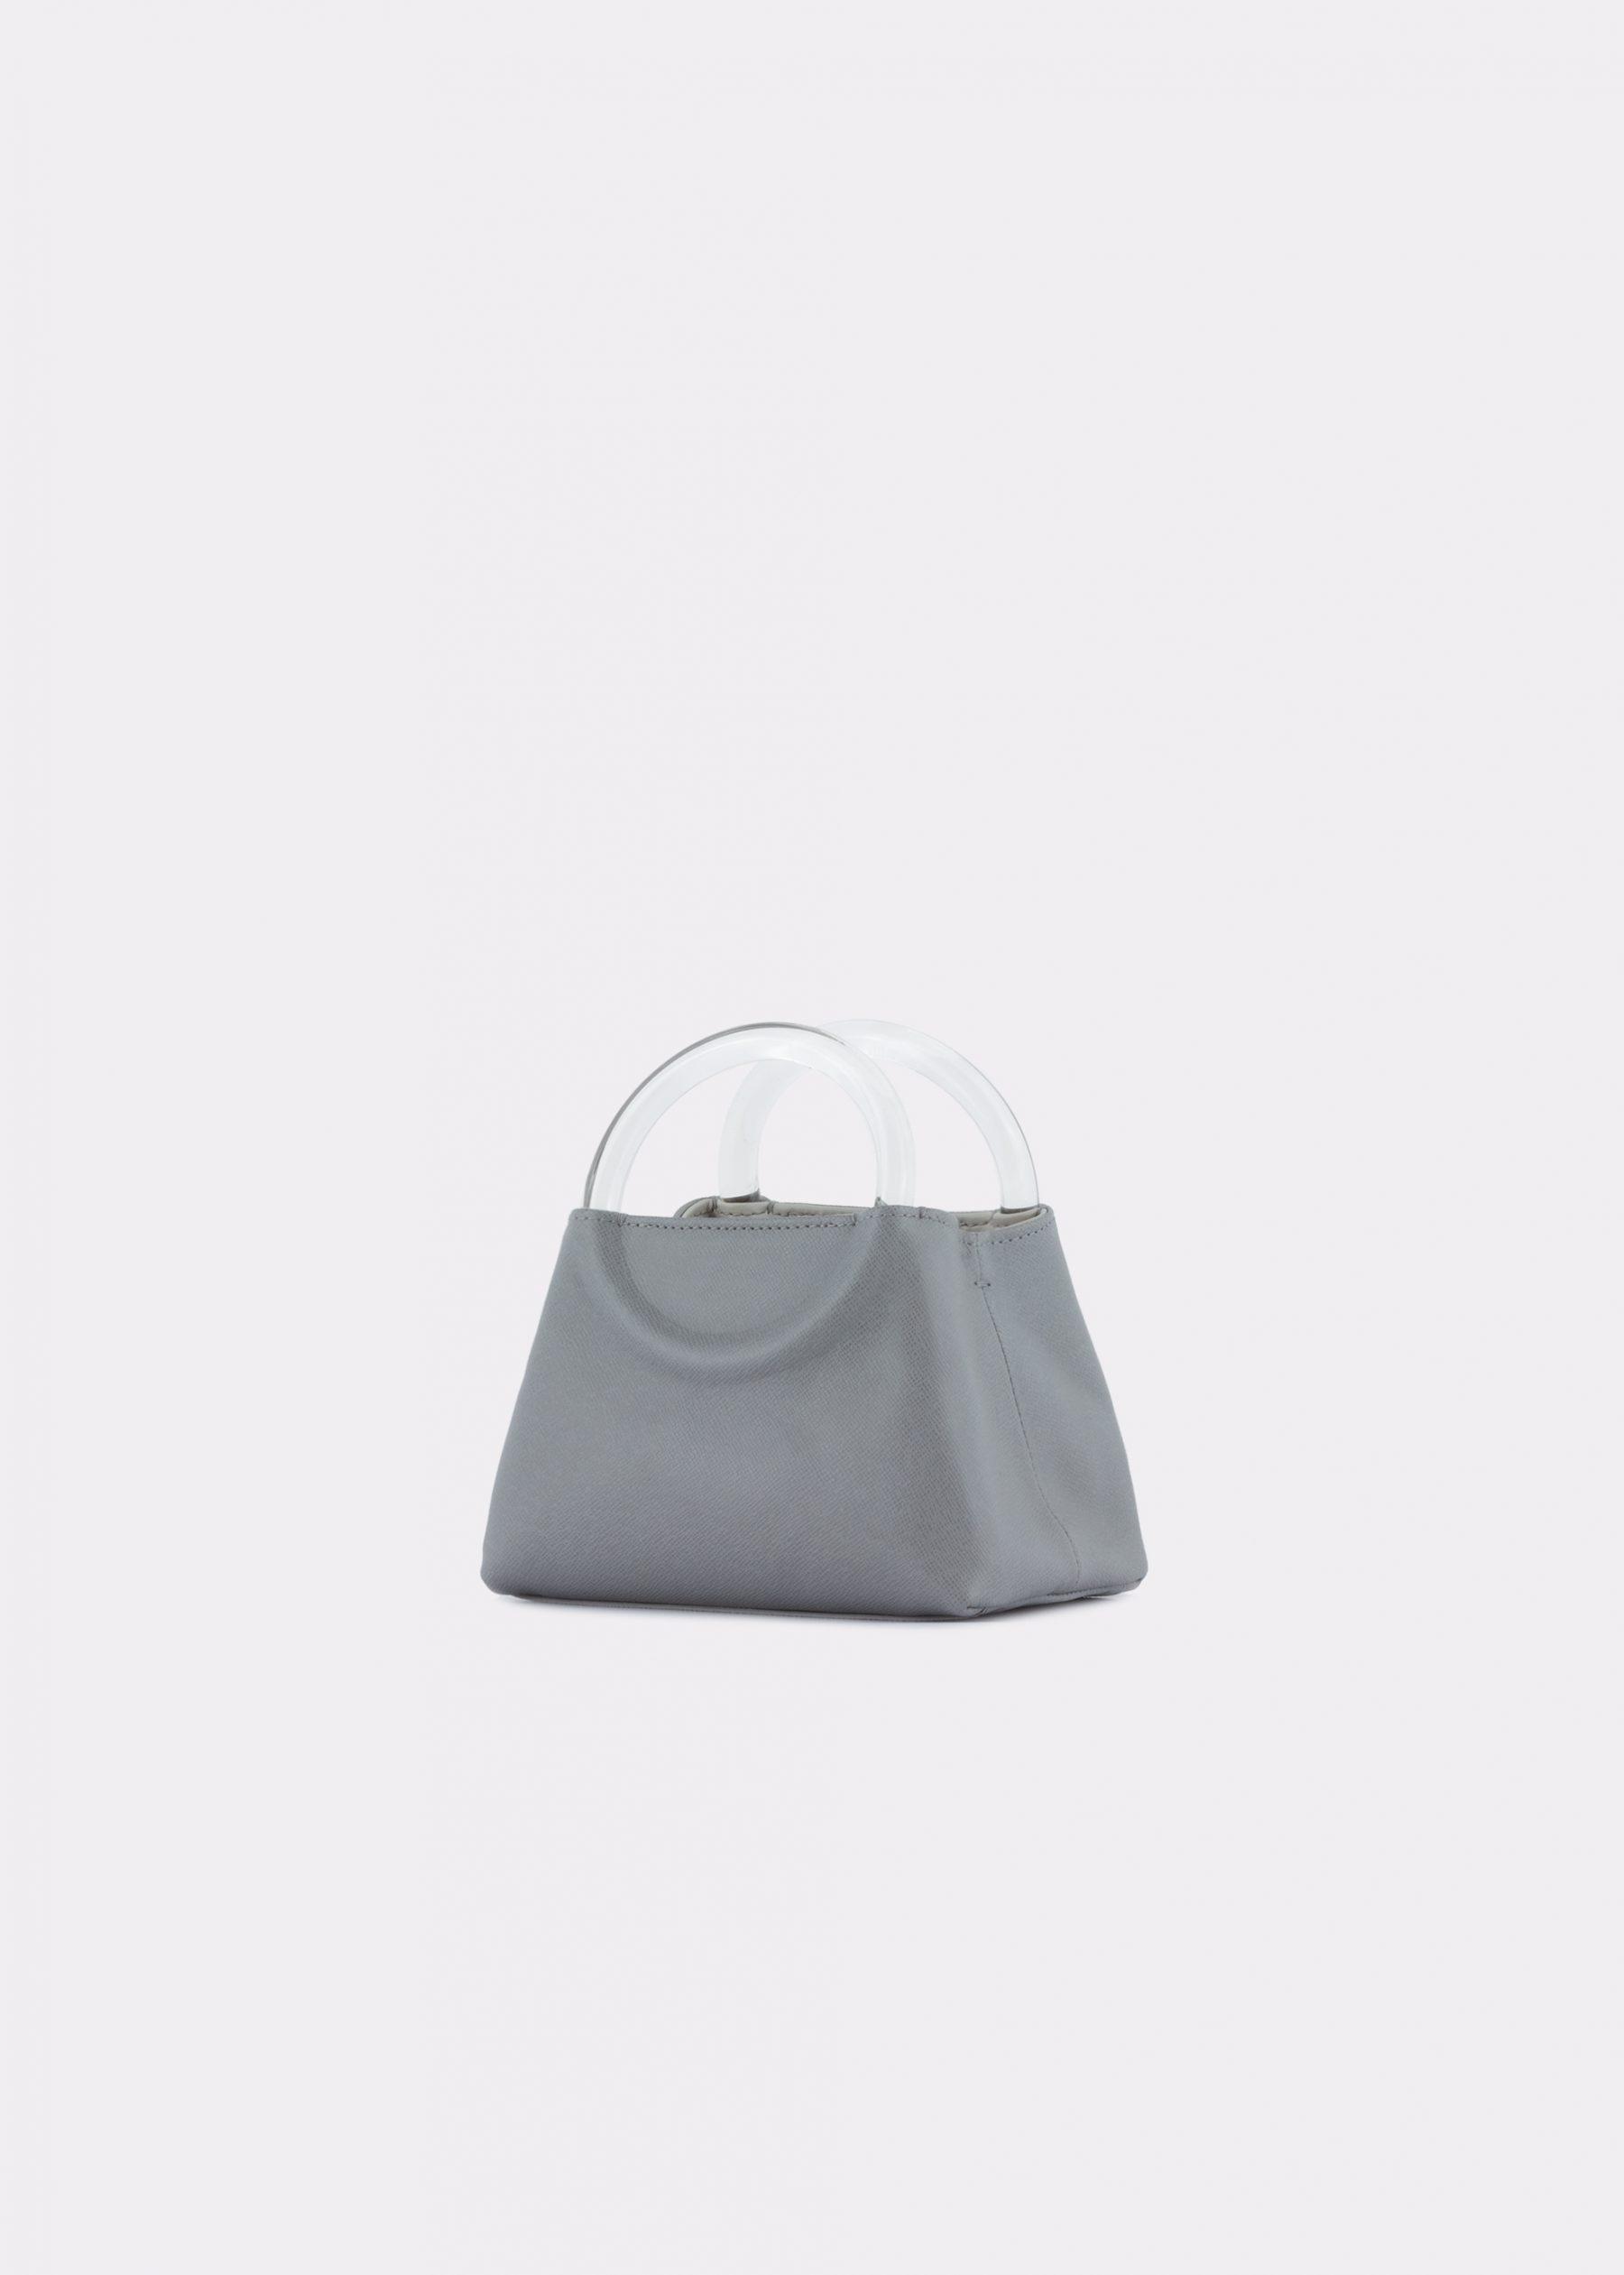 NIDO-Bolla_Micro-bag-Gray_side view